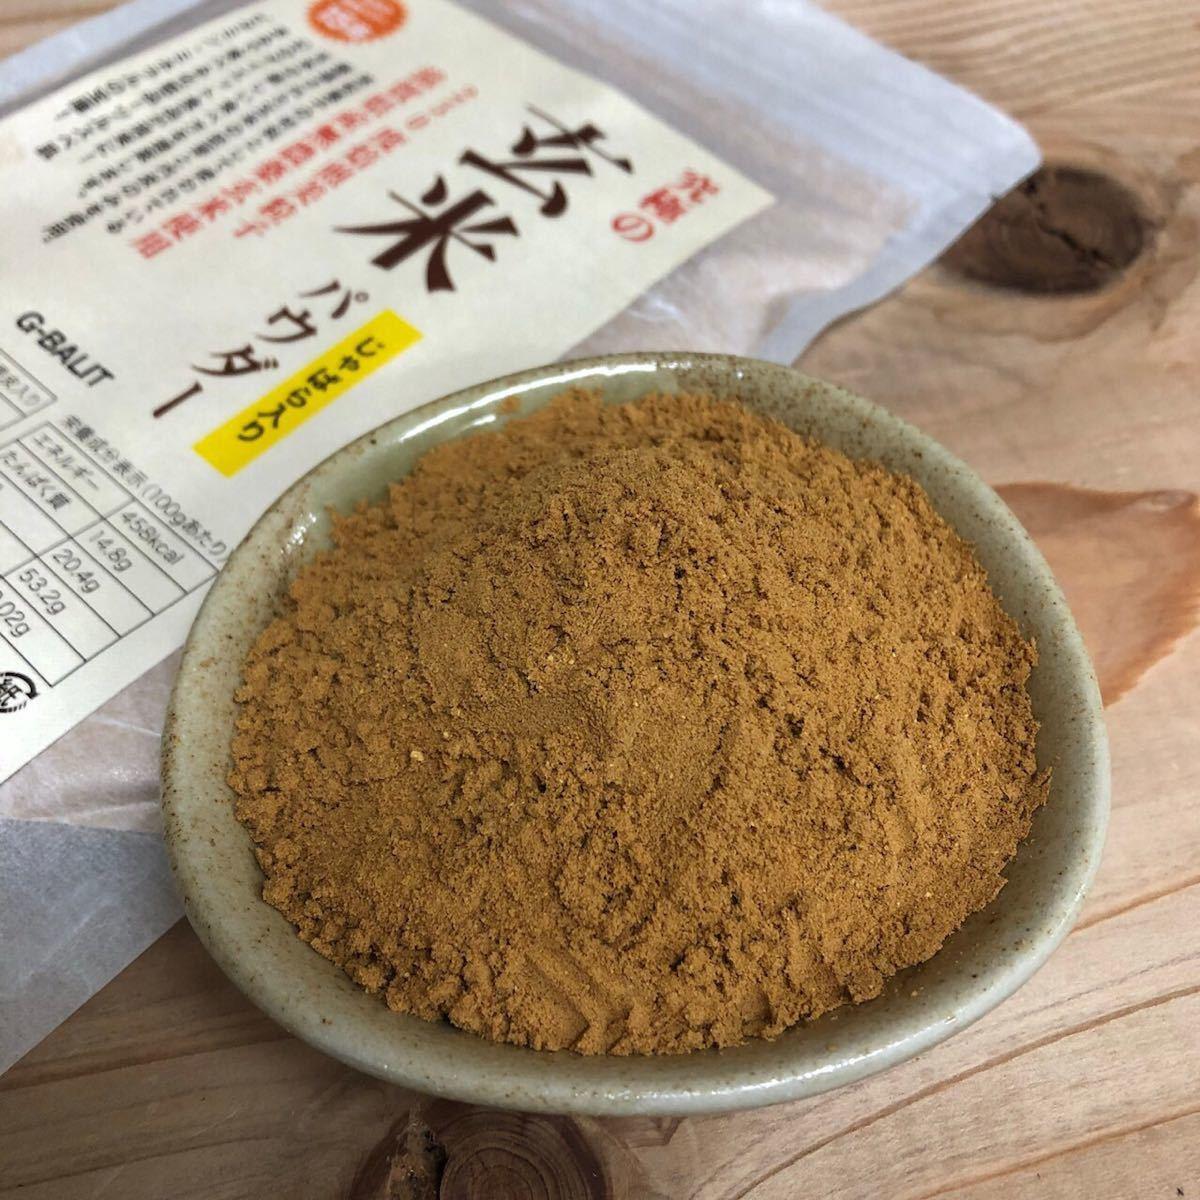 究極の玄米パウダーじゃばら果皮配合 300g 滋賀県産無農薬近江米使用 美粒子タイプ きな粉のような香り 無糖 無添加 じゃばら UP HADOO_画像3